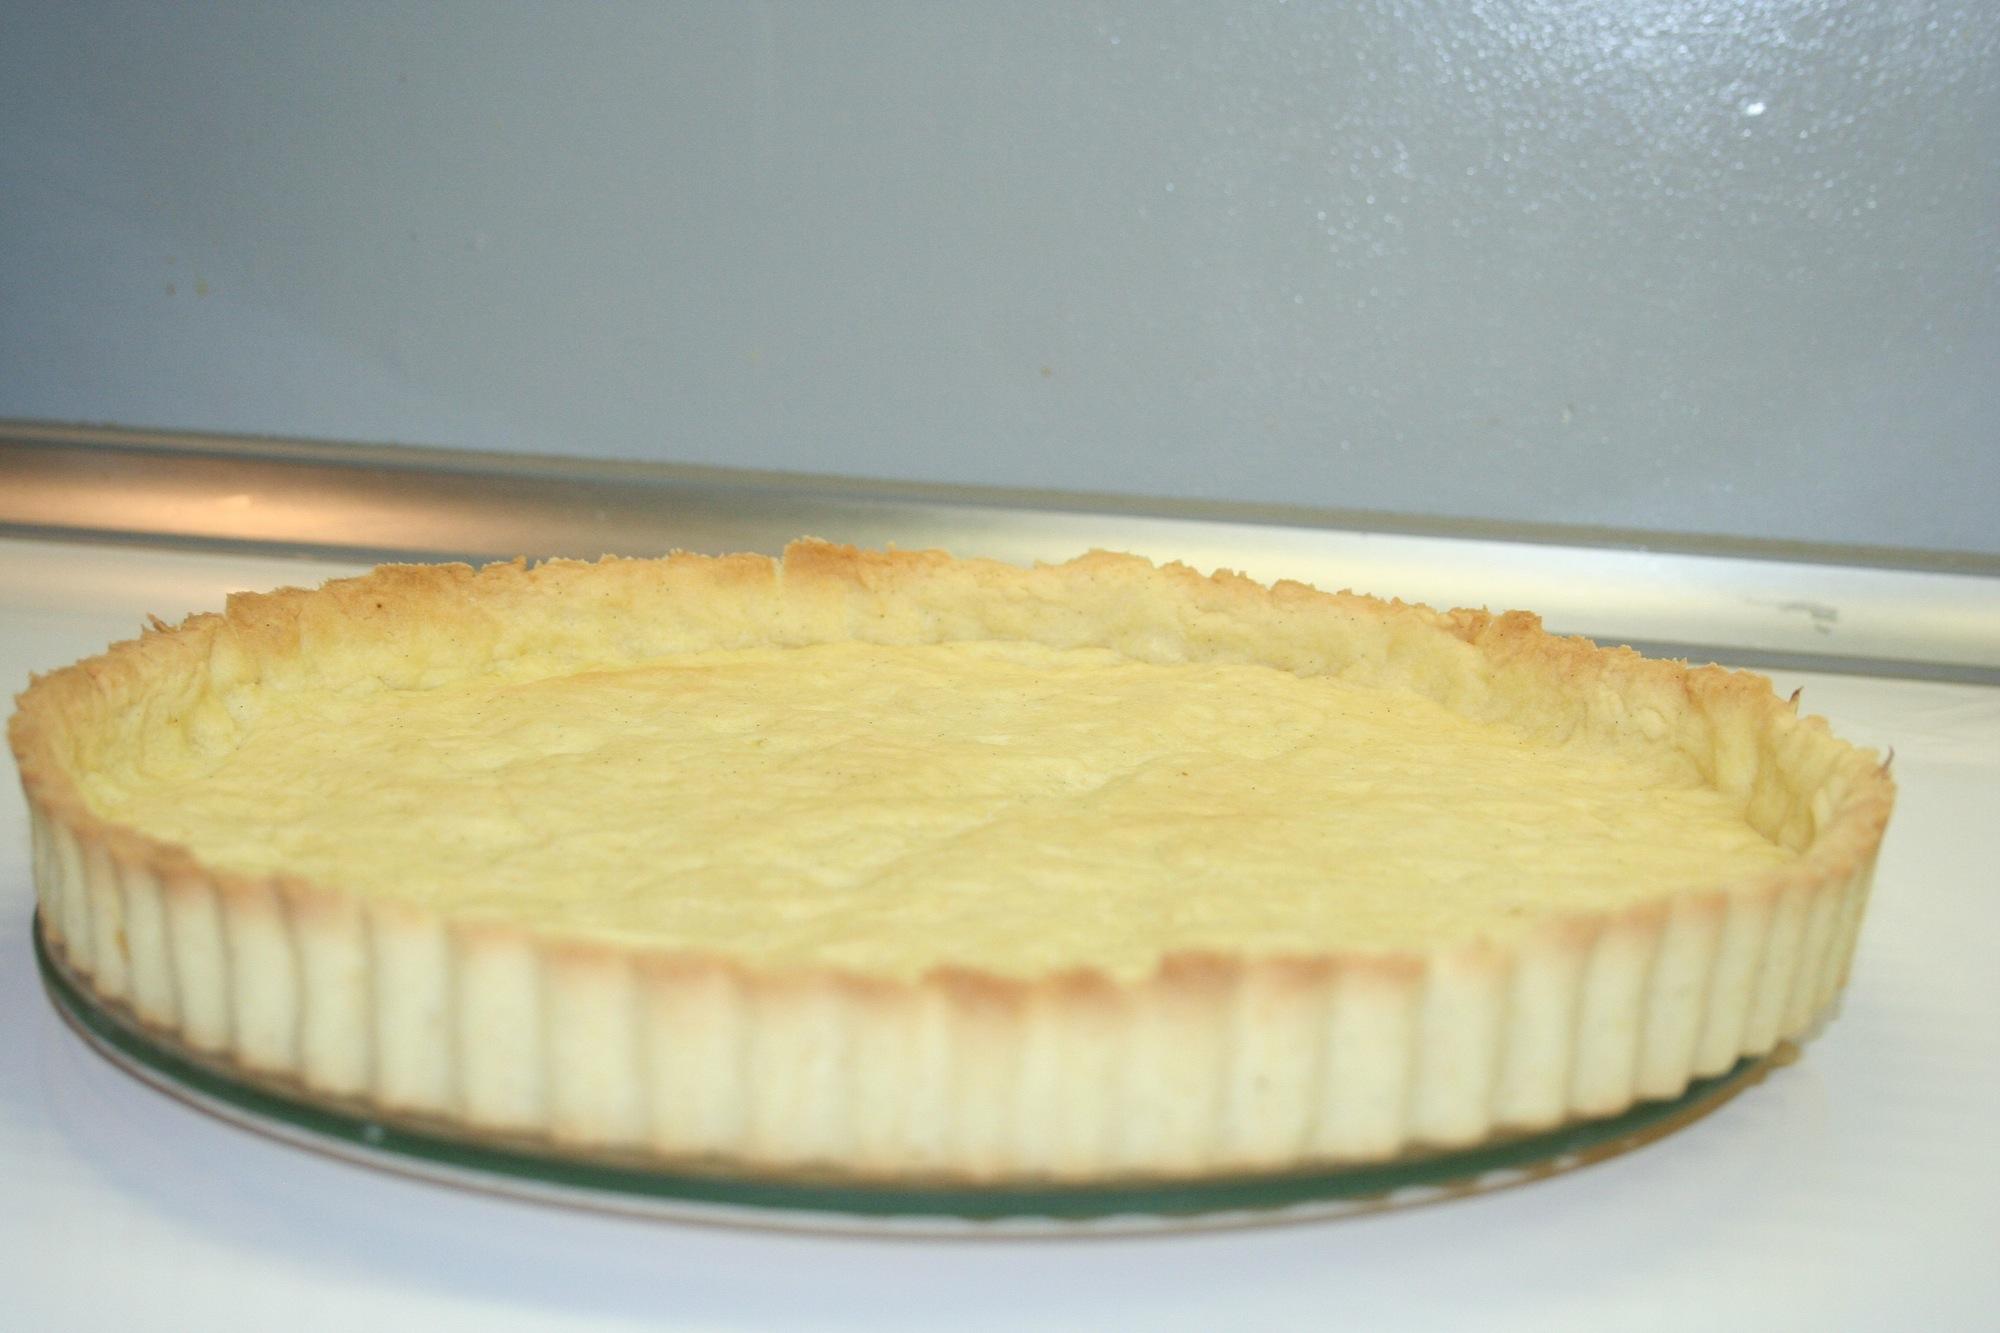 Fond de tarte cooking mumu - Fond de tarte biscuit ...